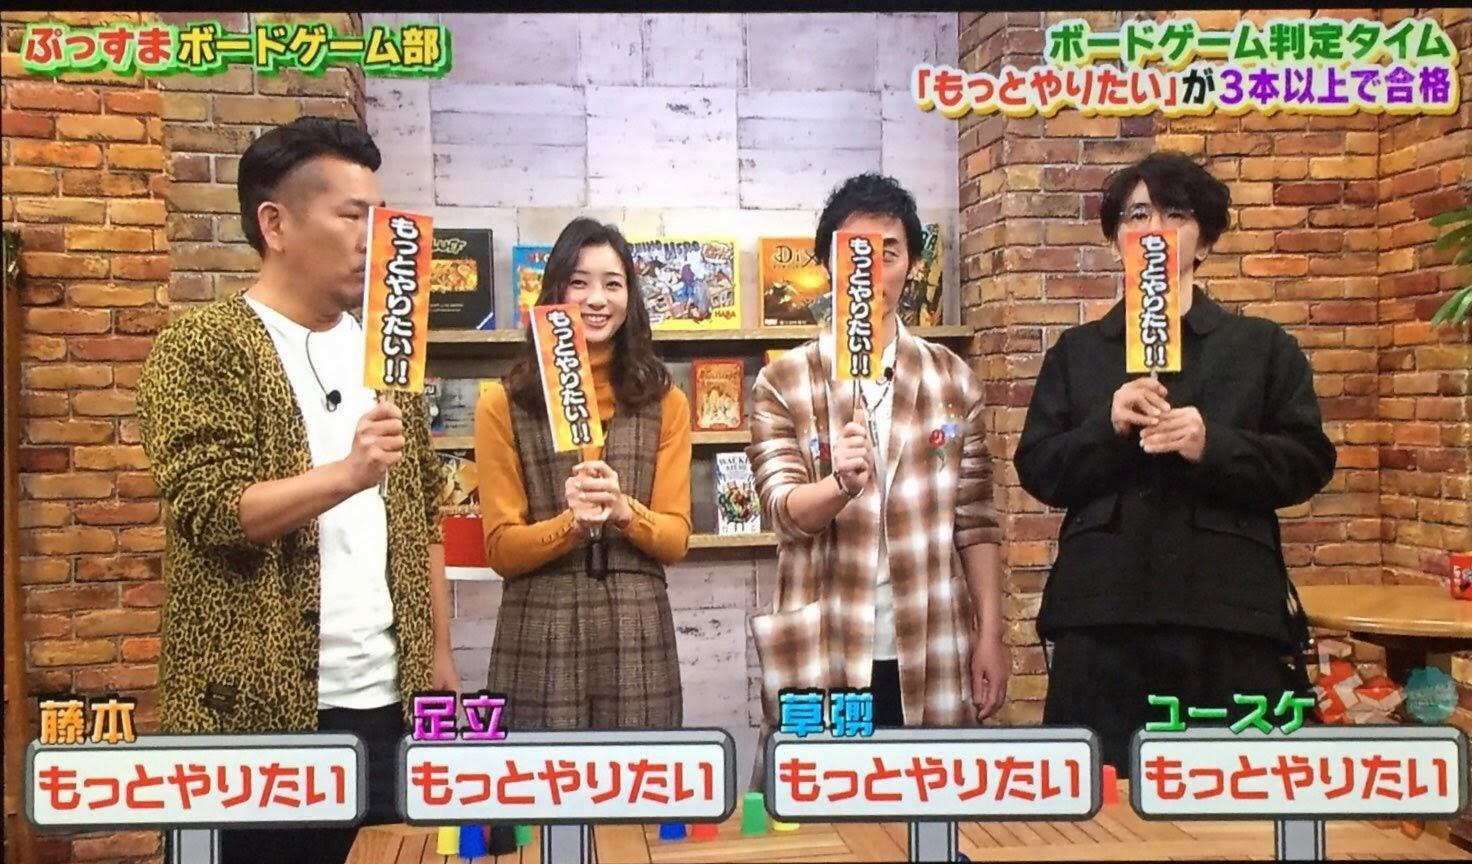 ぷっすまボードゲーム部:スピードカップス結果発表